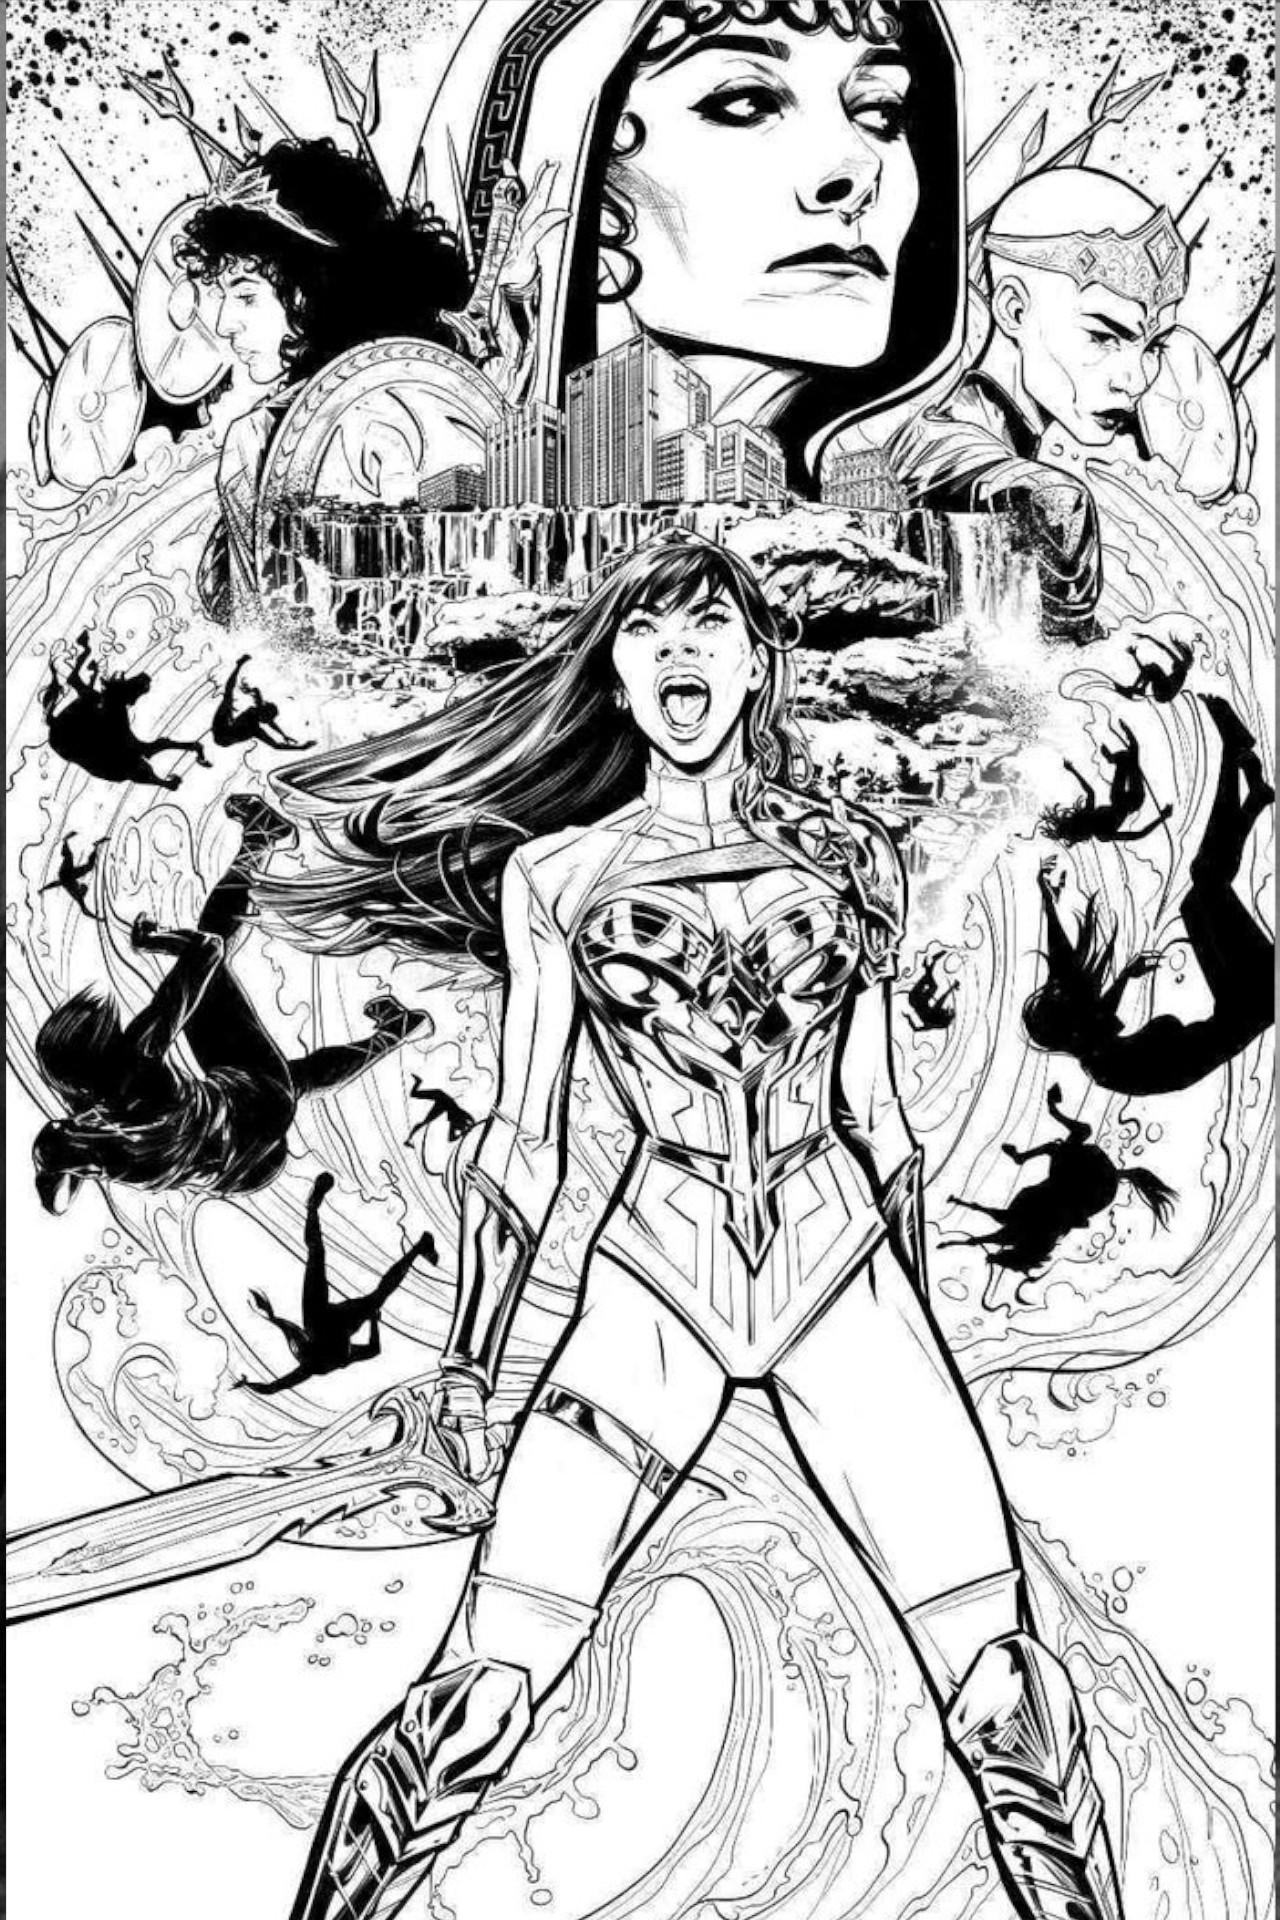 """Yara Flor, a Mulher Maravilha do DC Future State será """"promovida"""" ao universo principal dos quadrinhos estreando a primeira HQ solo de uma personagem carregando o manto de Moça Maravilha."""